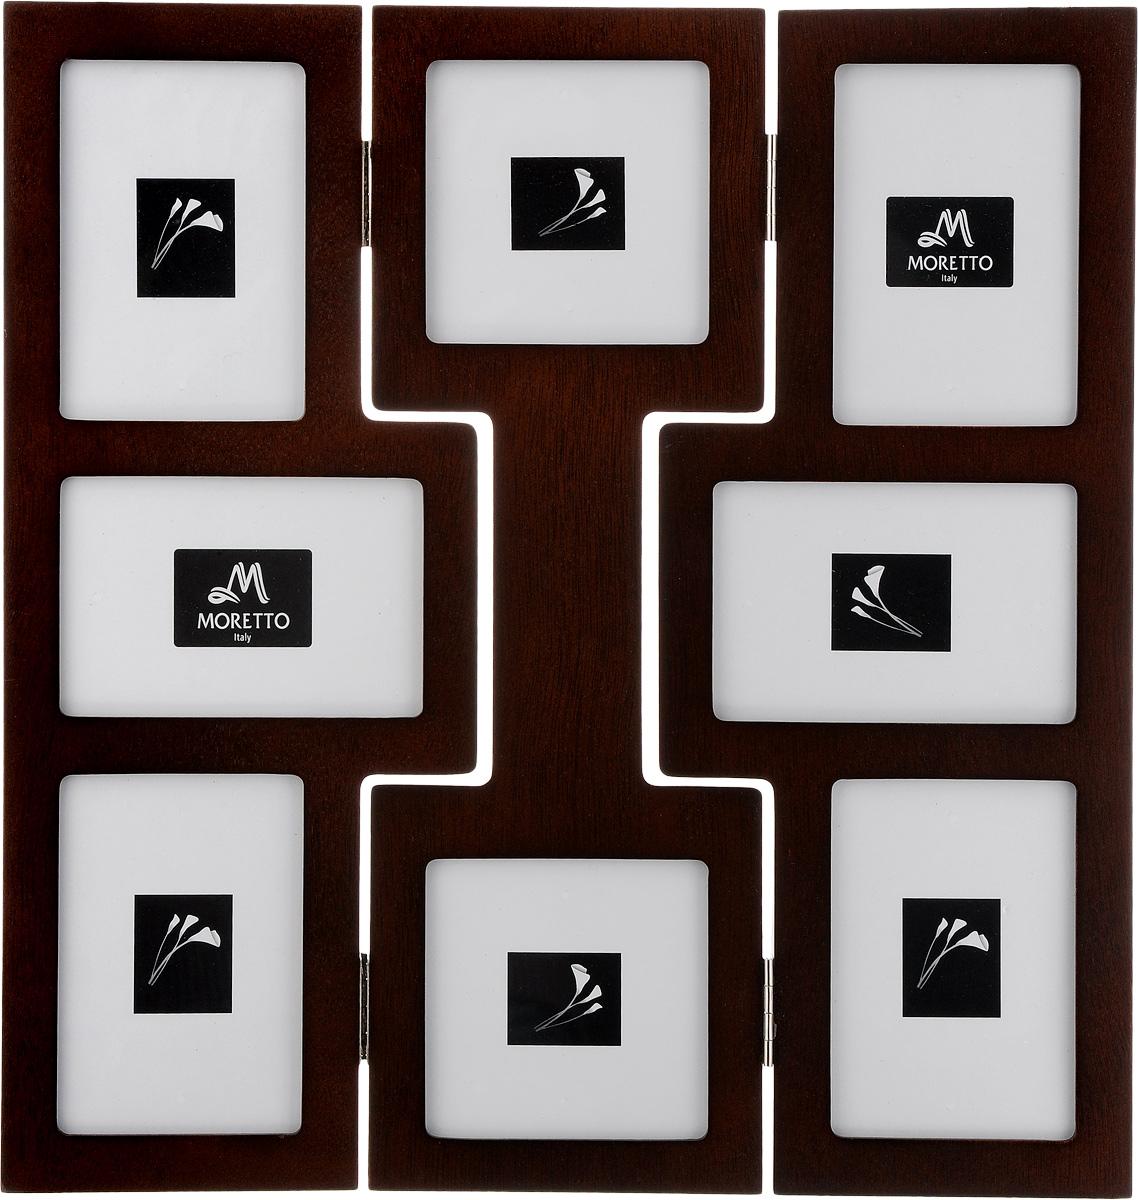 Фоторамка Moretto, на 8 фото. 238011238011Фоторамка Moretto - прекрасный способ красиво оформить ваши фотографии. Фоторамка выполнена из дерева и защищена стеклом, предназначена для восьми фотографий. Фоторамка-коллаж представляет собой восемь фоторамок для фото разных размеров оригинально соединенных между собой. Такая фоторамка поможет сохранить в памяти самые яркие моменты вашей жизни, а стильный дизайн сделает ее прекрасным дополнением интерьера комнаты. Размеры фоторамок: - 4 фоторамки 11,5 х 14,5 см для фото 9 х 13 см, - 2 фоторамки 13 х 13 см для фото 10 х 10 см, - 2 фоторамки 10 х 15,5 см для фото 9 х 13 см, Общий размер фоторамки: 37 х 38 см